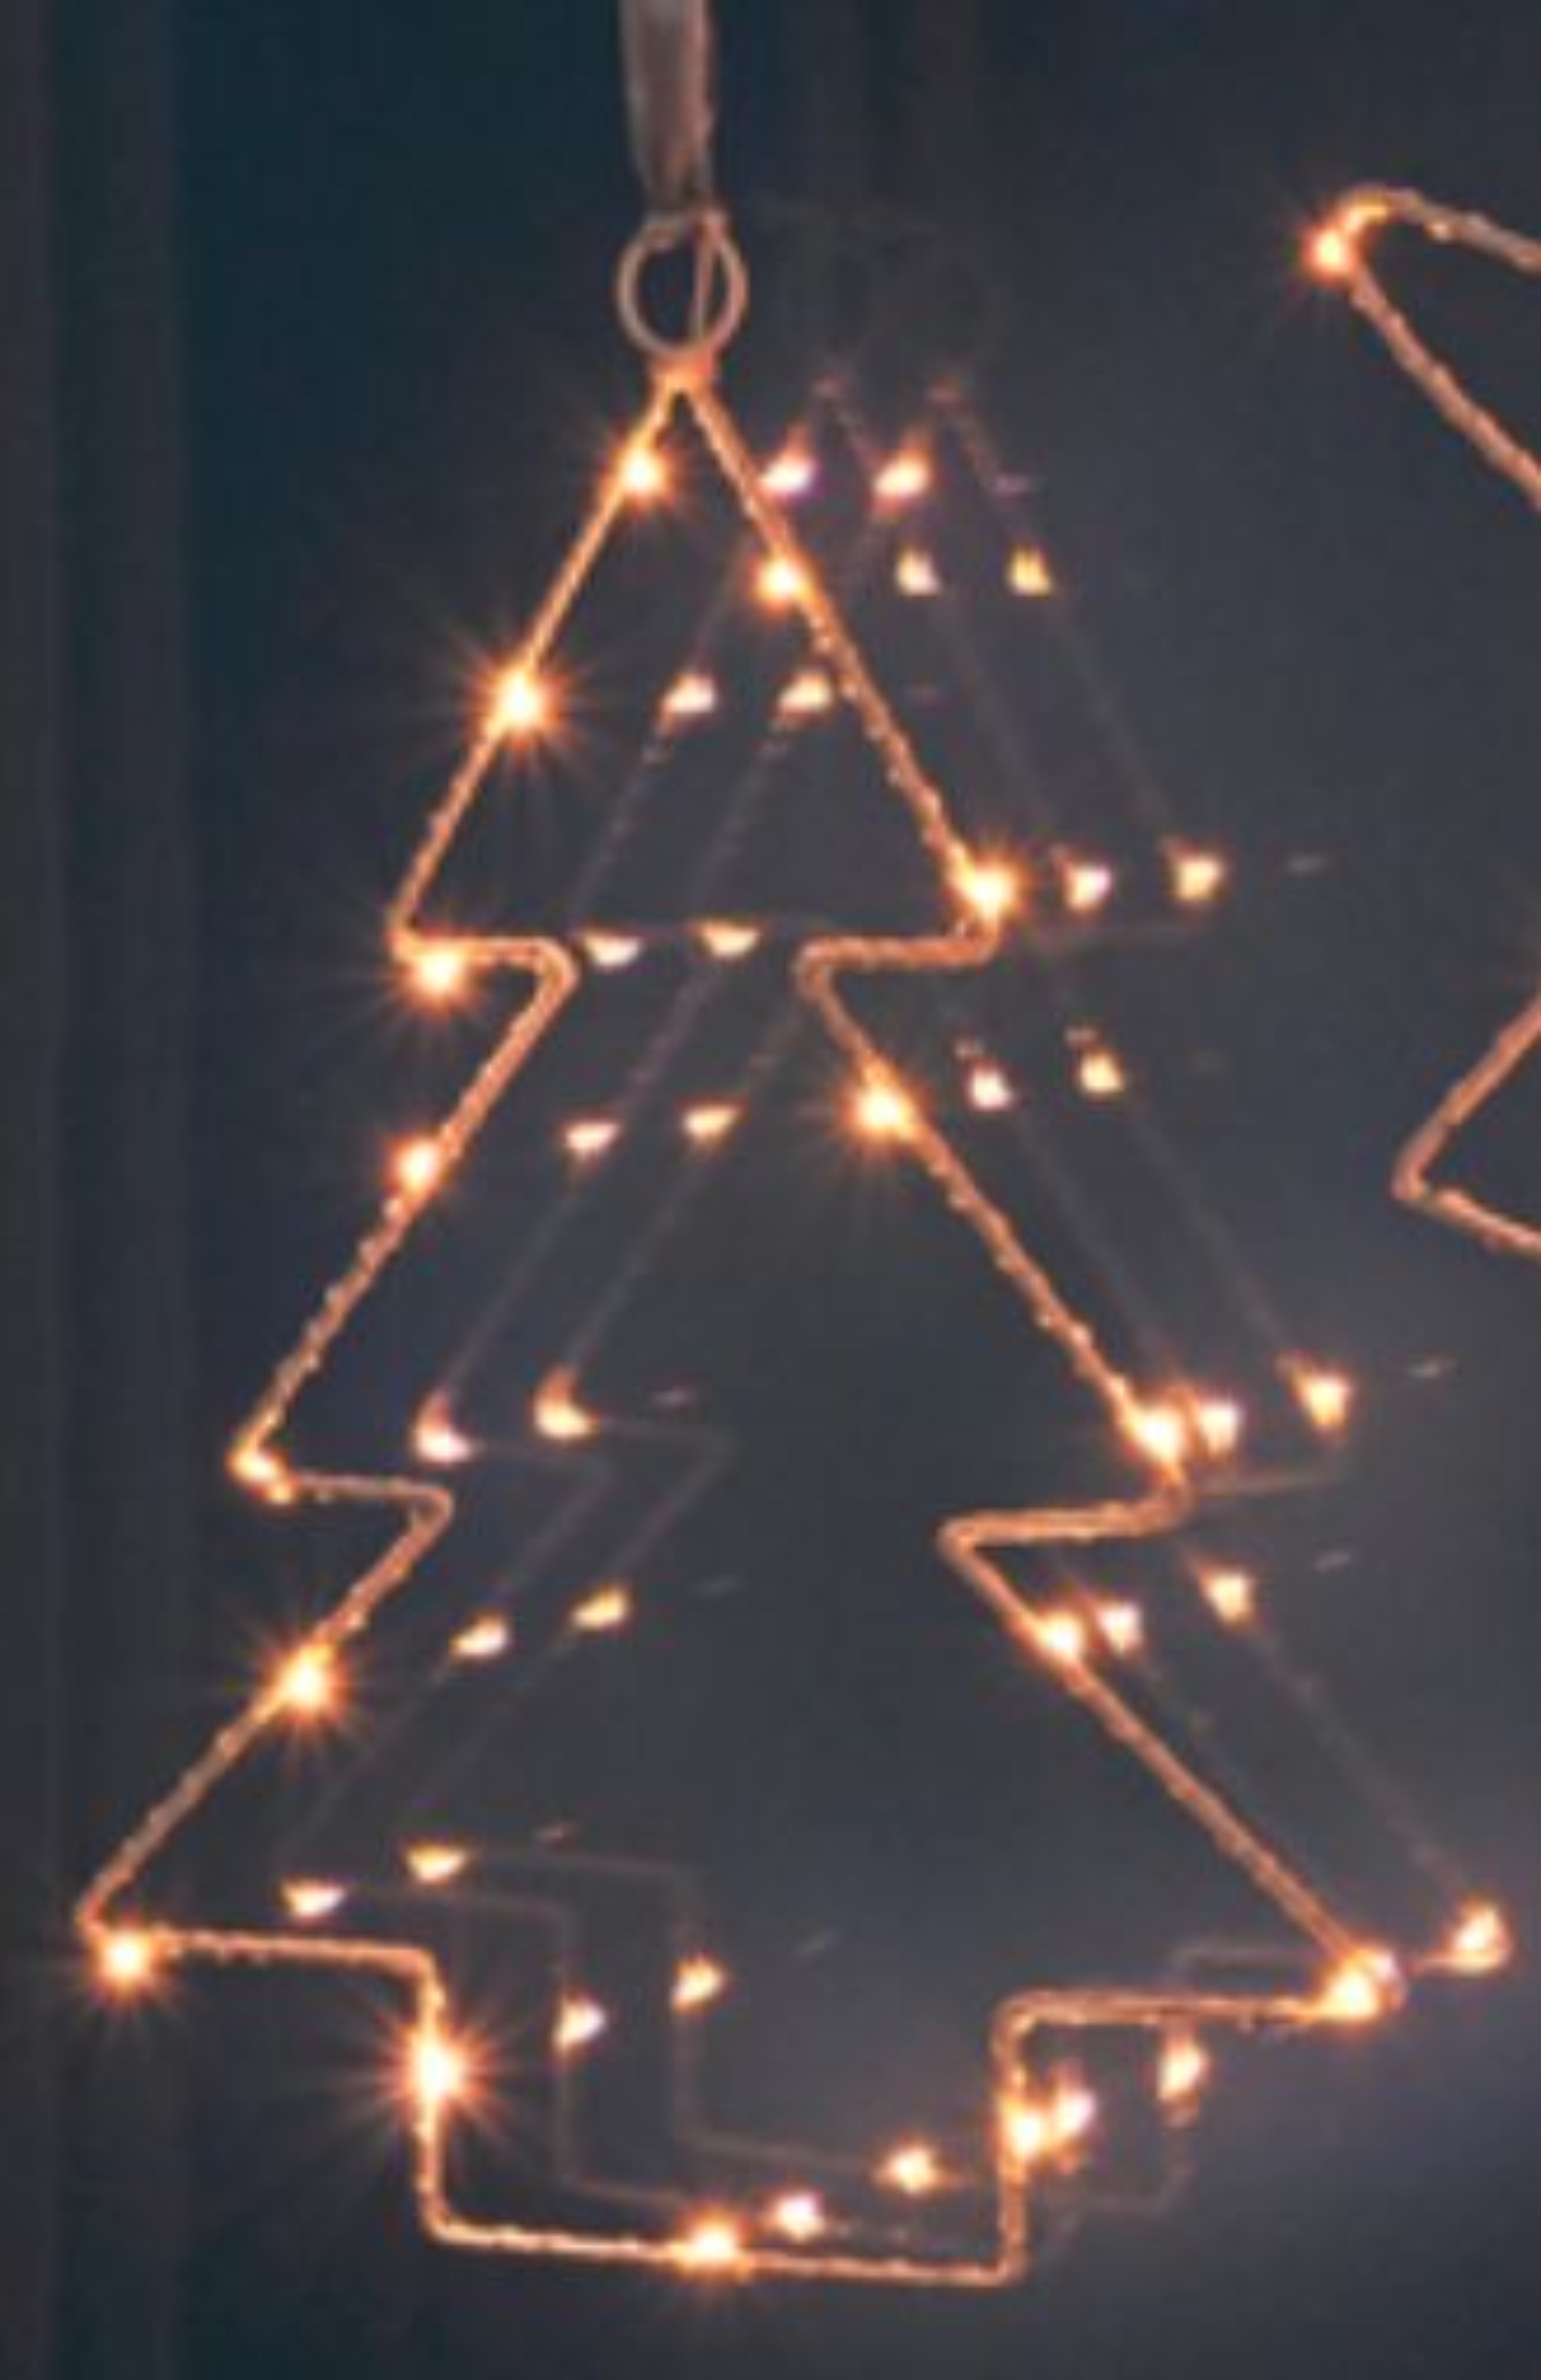 led fenstersilhouette beleuchtung fensterdeko fensterbild weihnachten dekoration wohnen. Black Bedroom Furniture Sets. Home Design Ideas